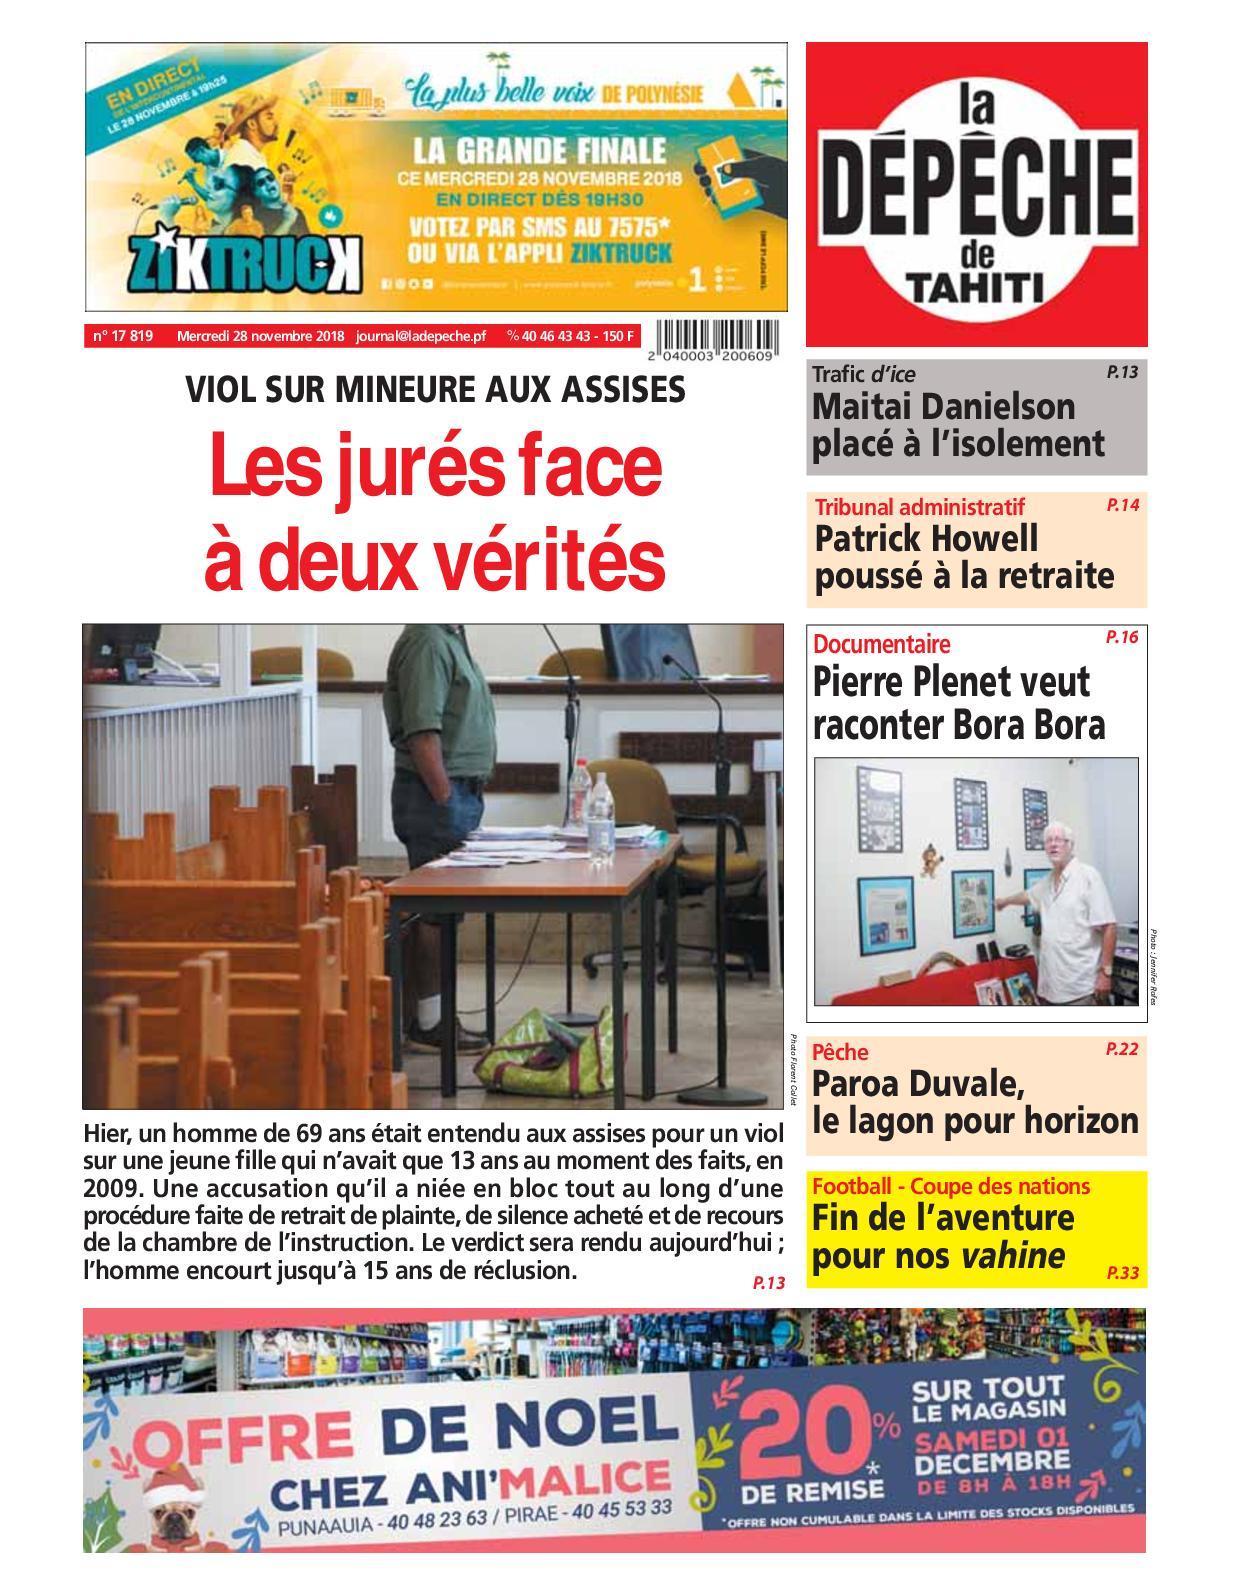 PEUGEOT PARTNER 1996-2008 Porte Aile Miroir Chauffé Noir Électrique Côté Droit Neuf